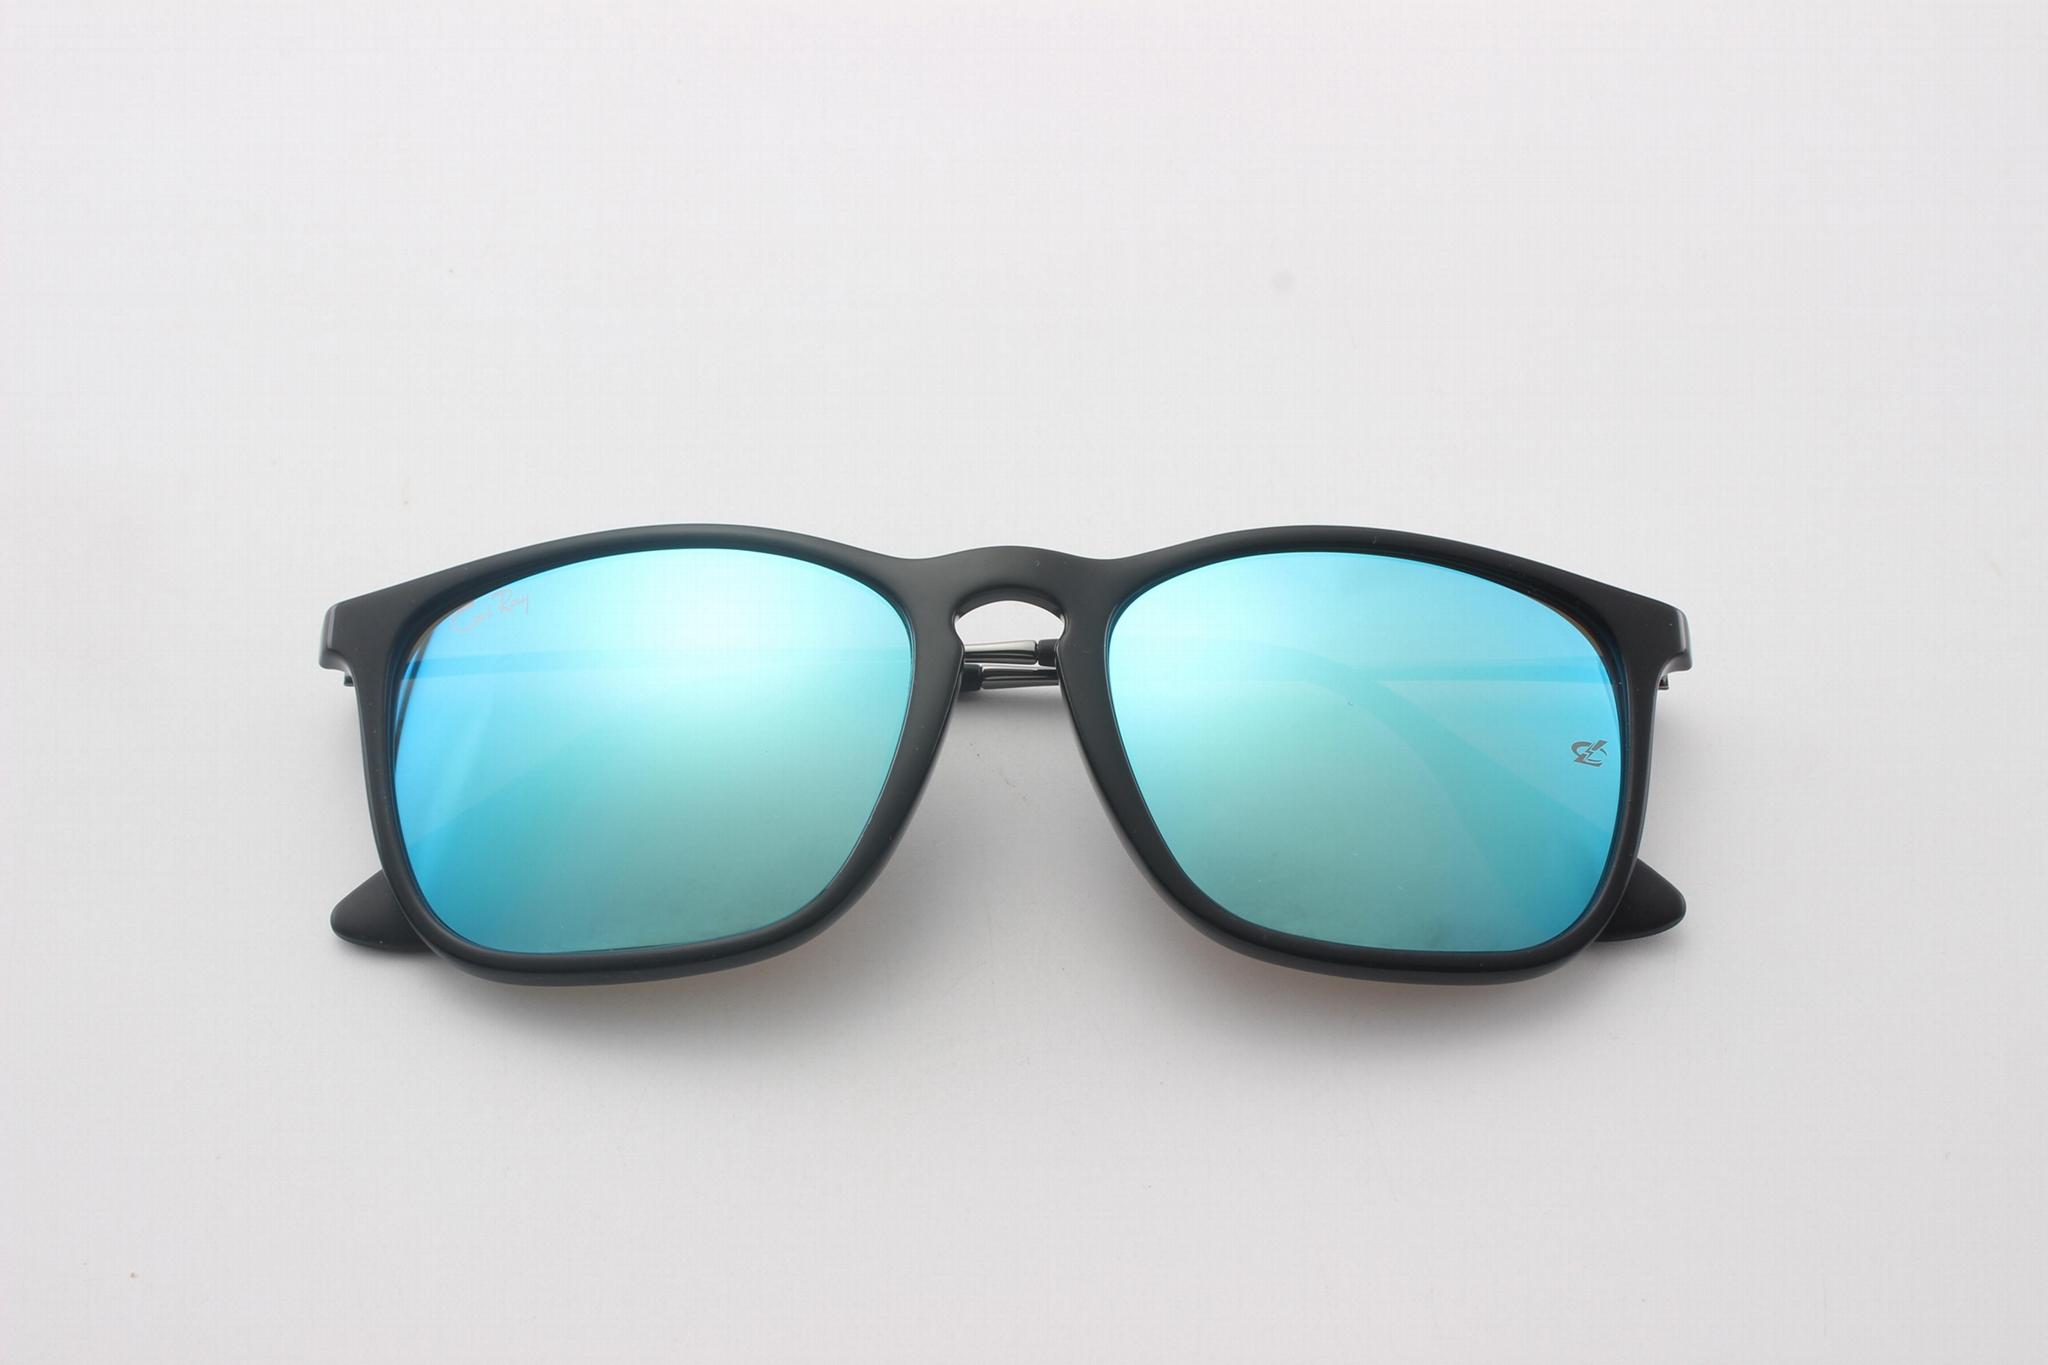 Cai Ray original Chris sunglasses CR4187 601/55 black/blue flash lens 54mm